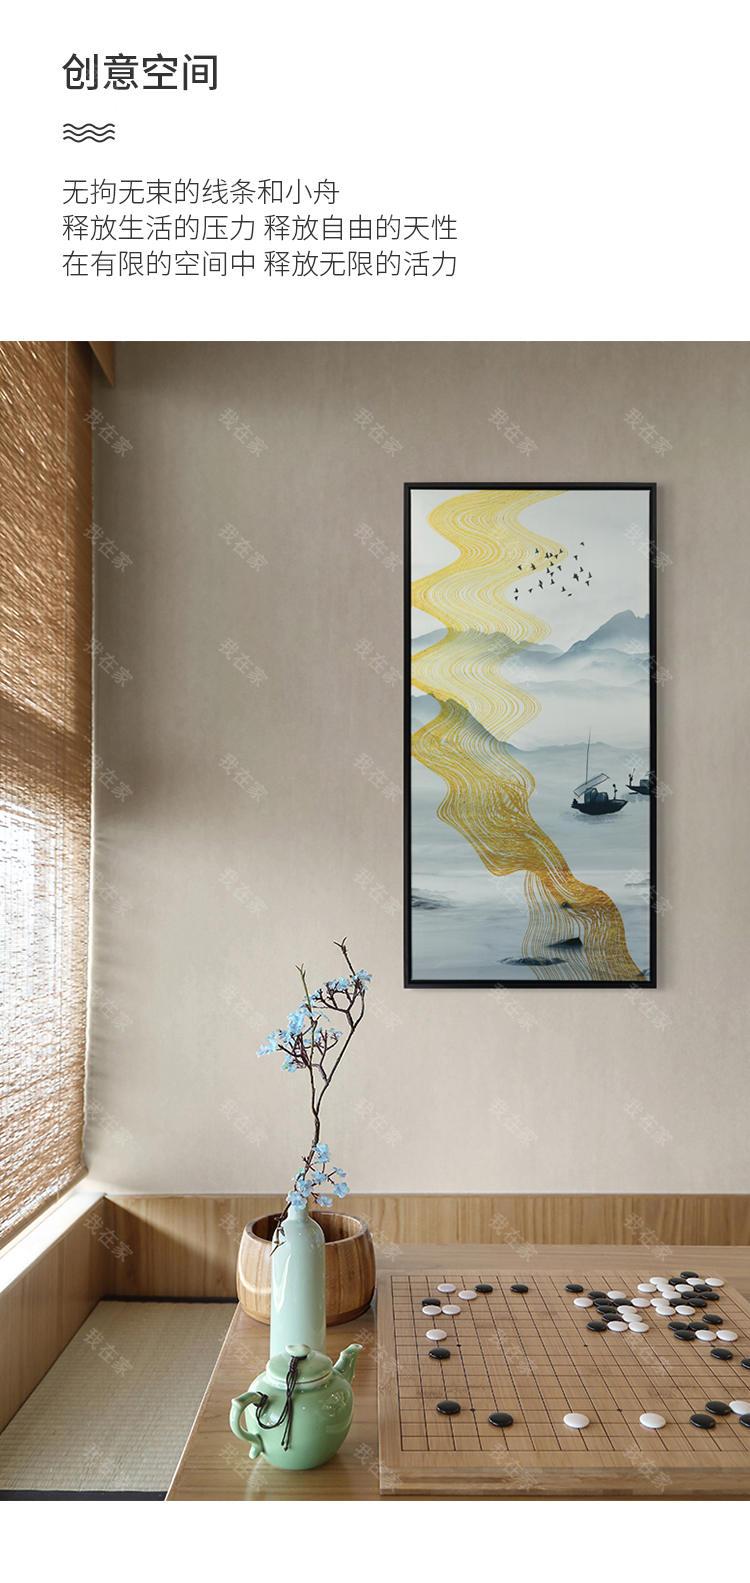 绘美映画品牌泛舟 抽象艺术挂画的详细介绍